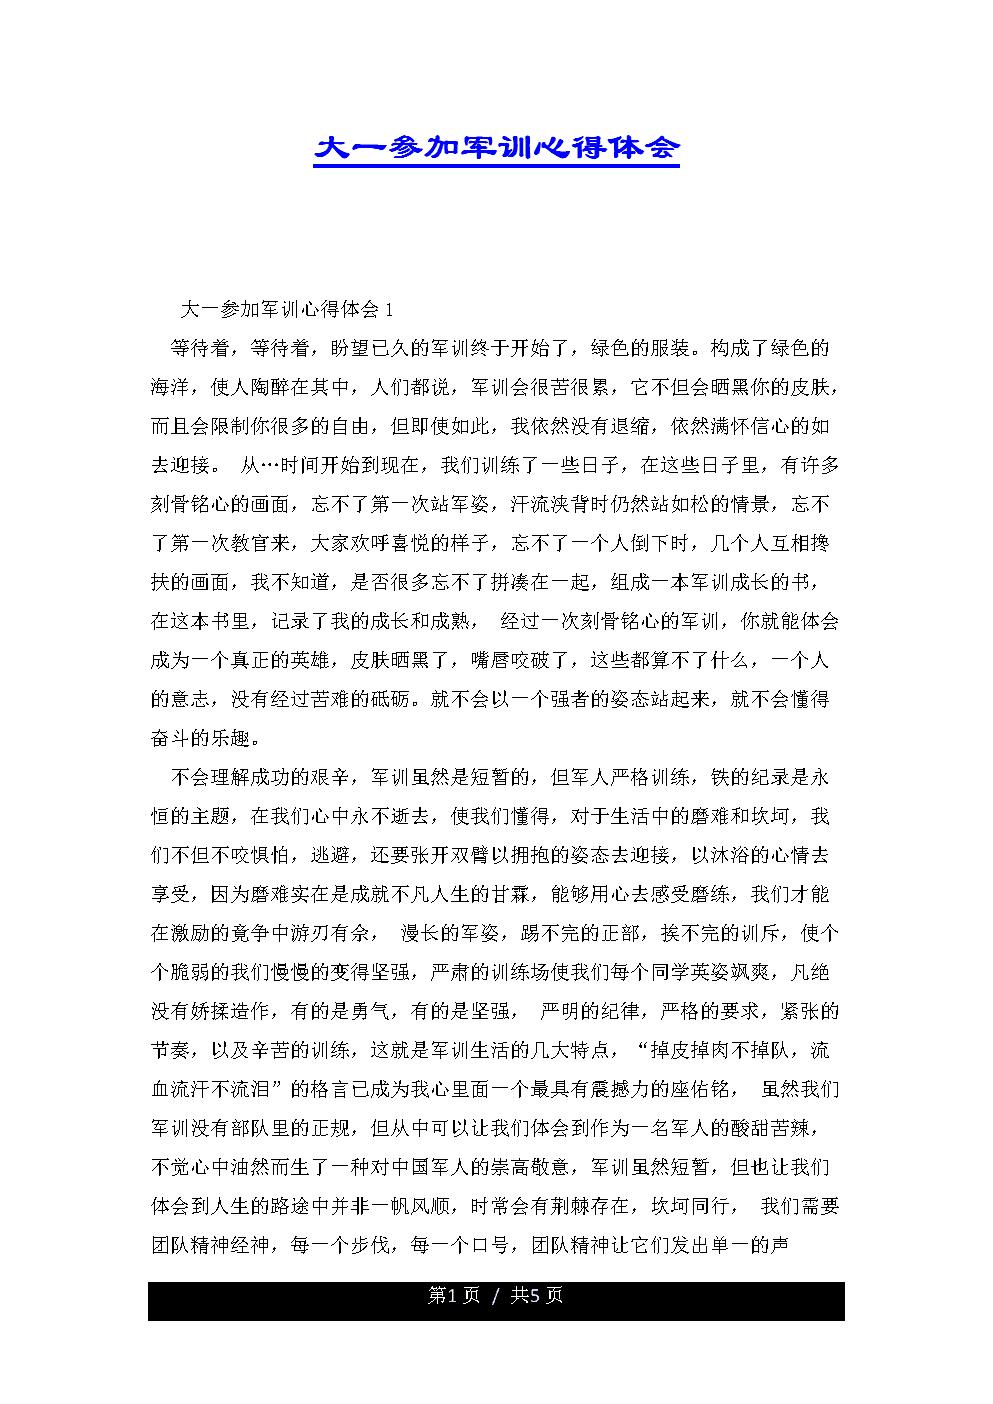 大一参加军训心得体会.docx